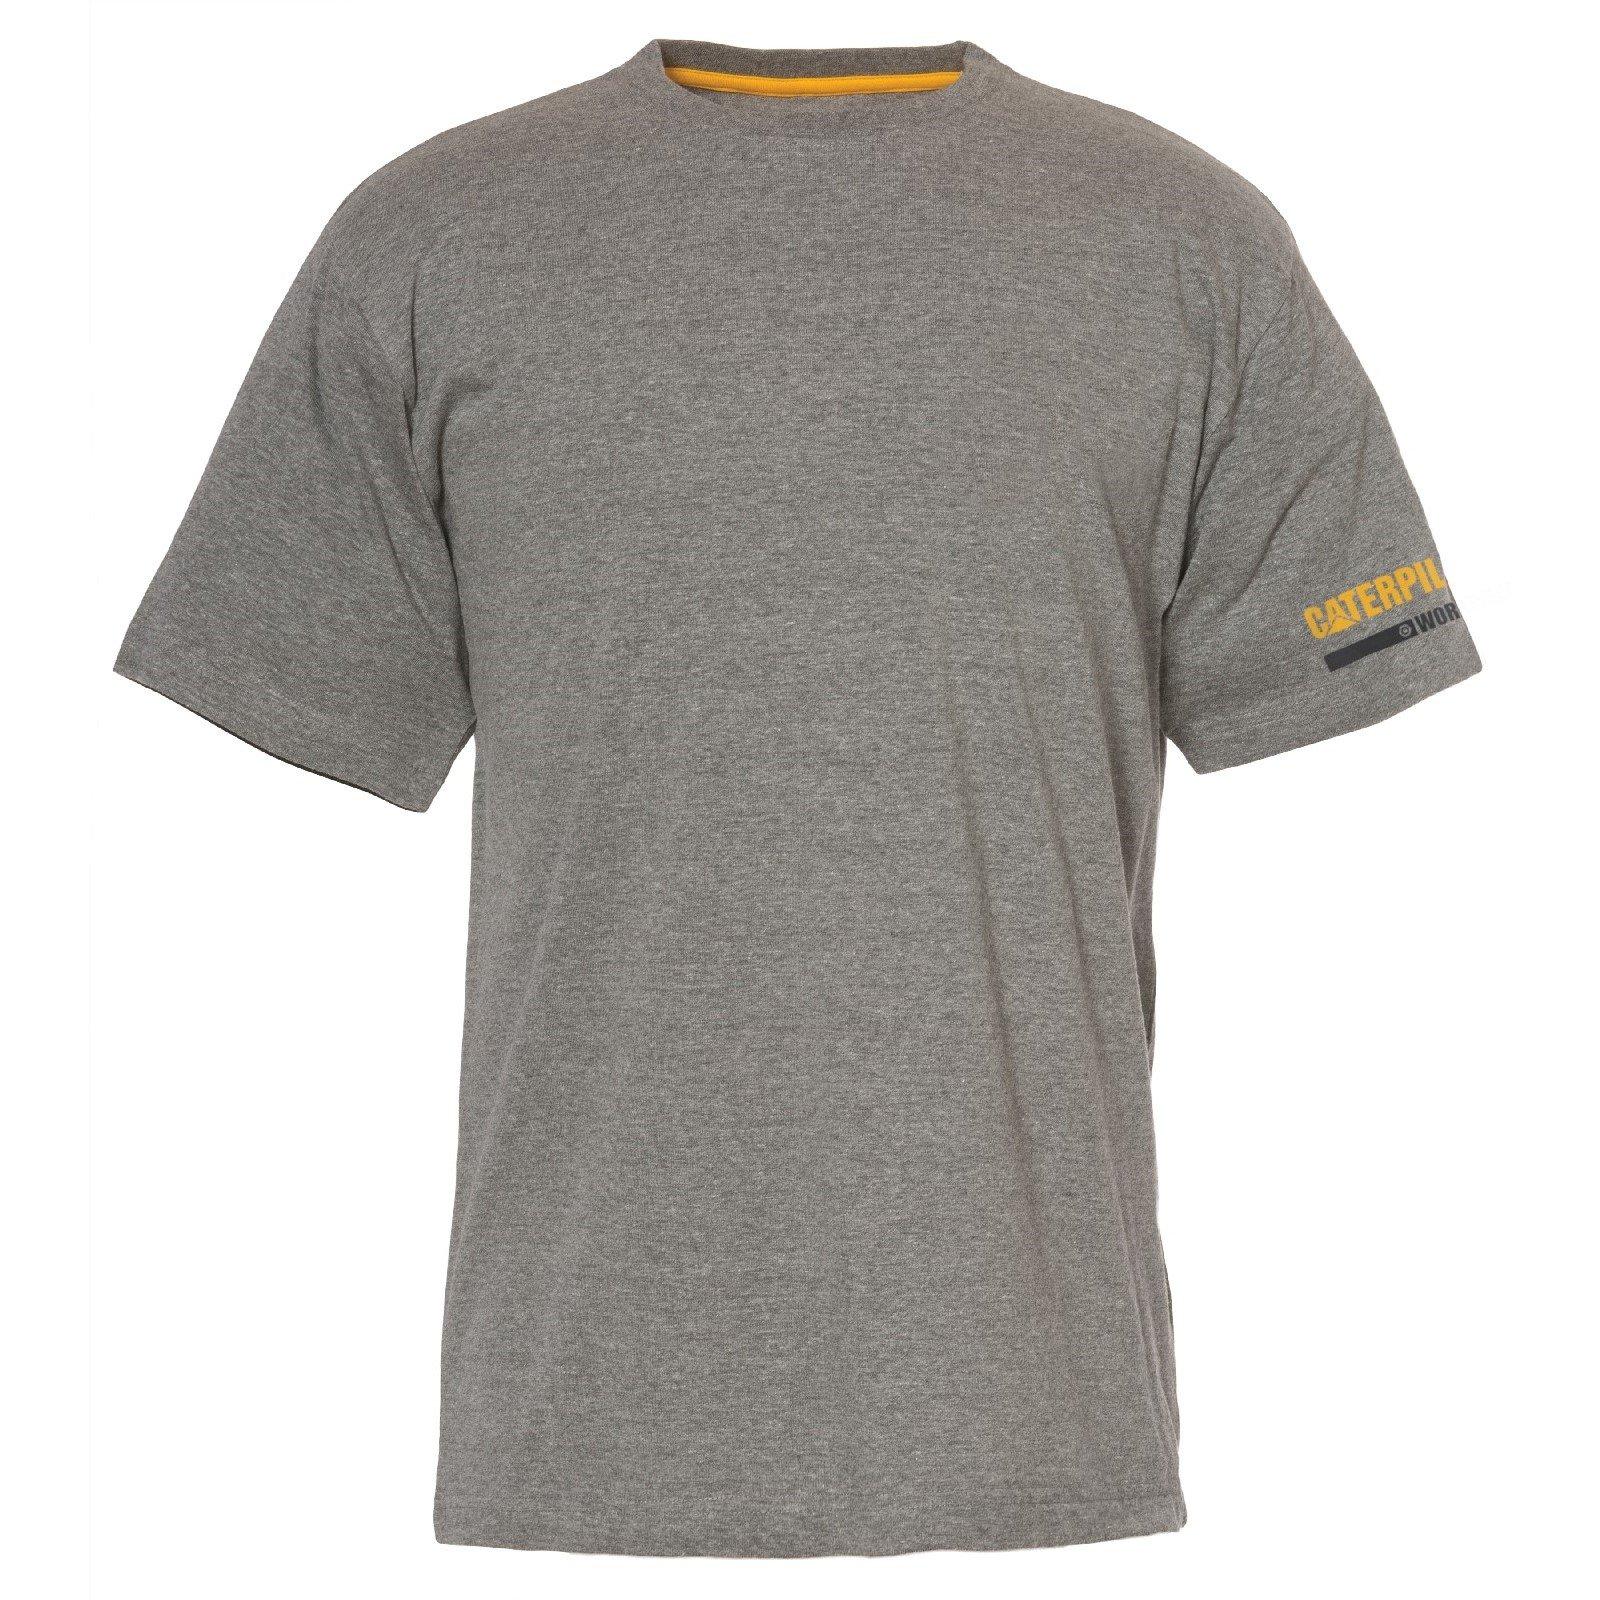 Caterpillar Men's Essentials SS T-Shirt Various Colours 28885-48760 - Dark Grey Lge